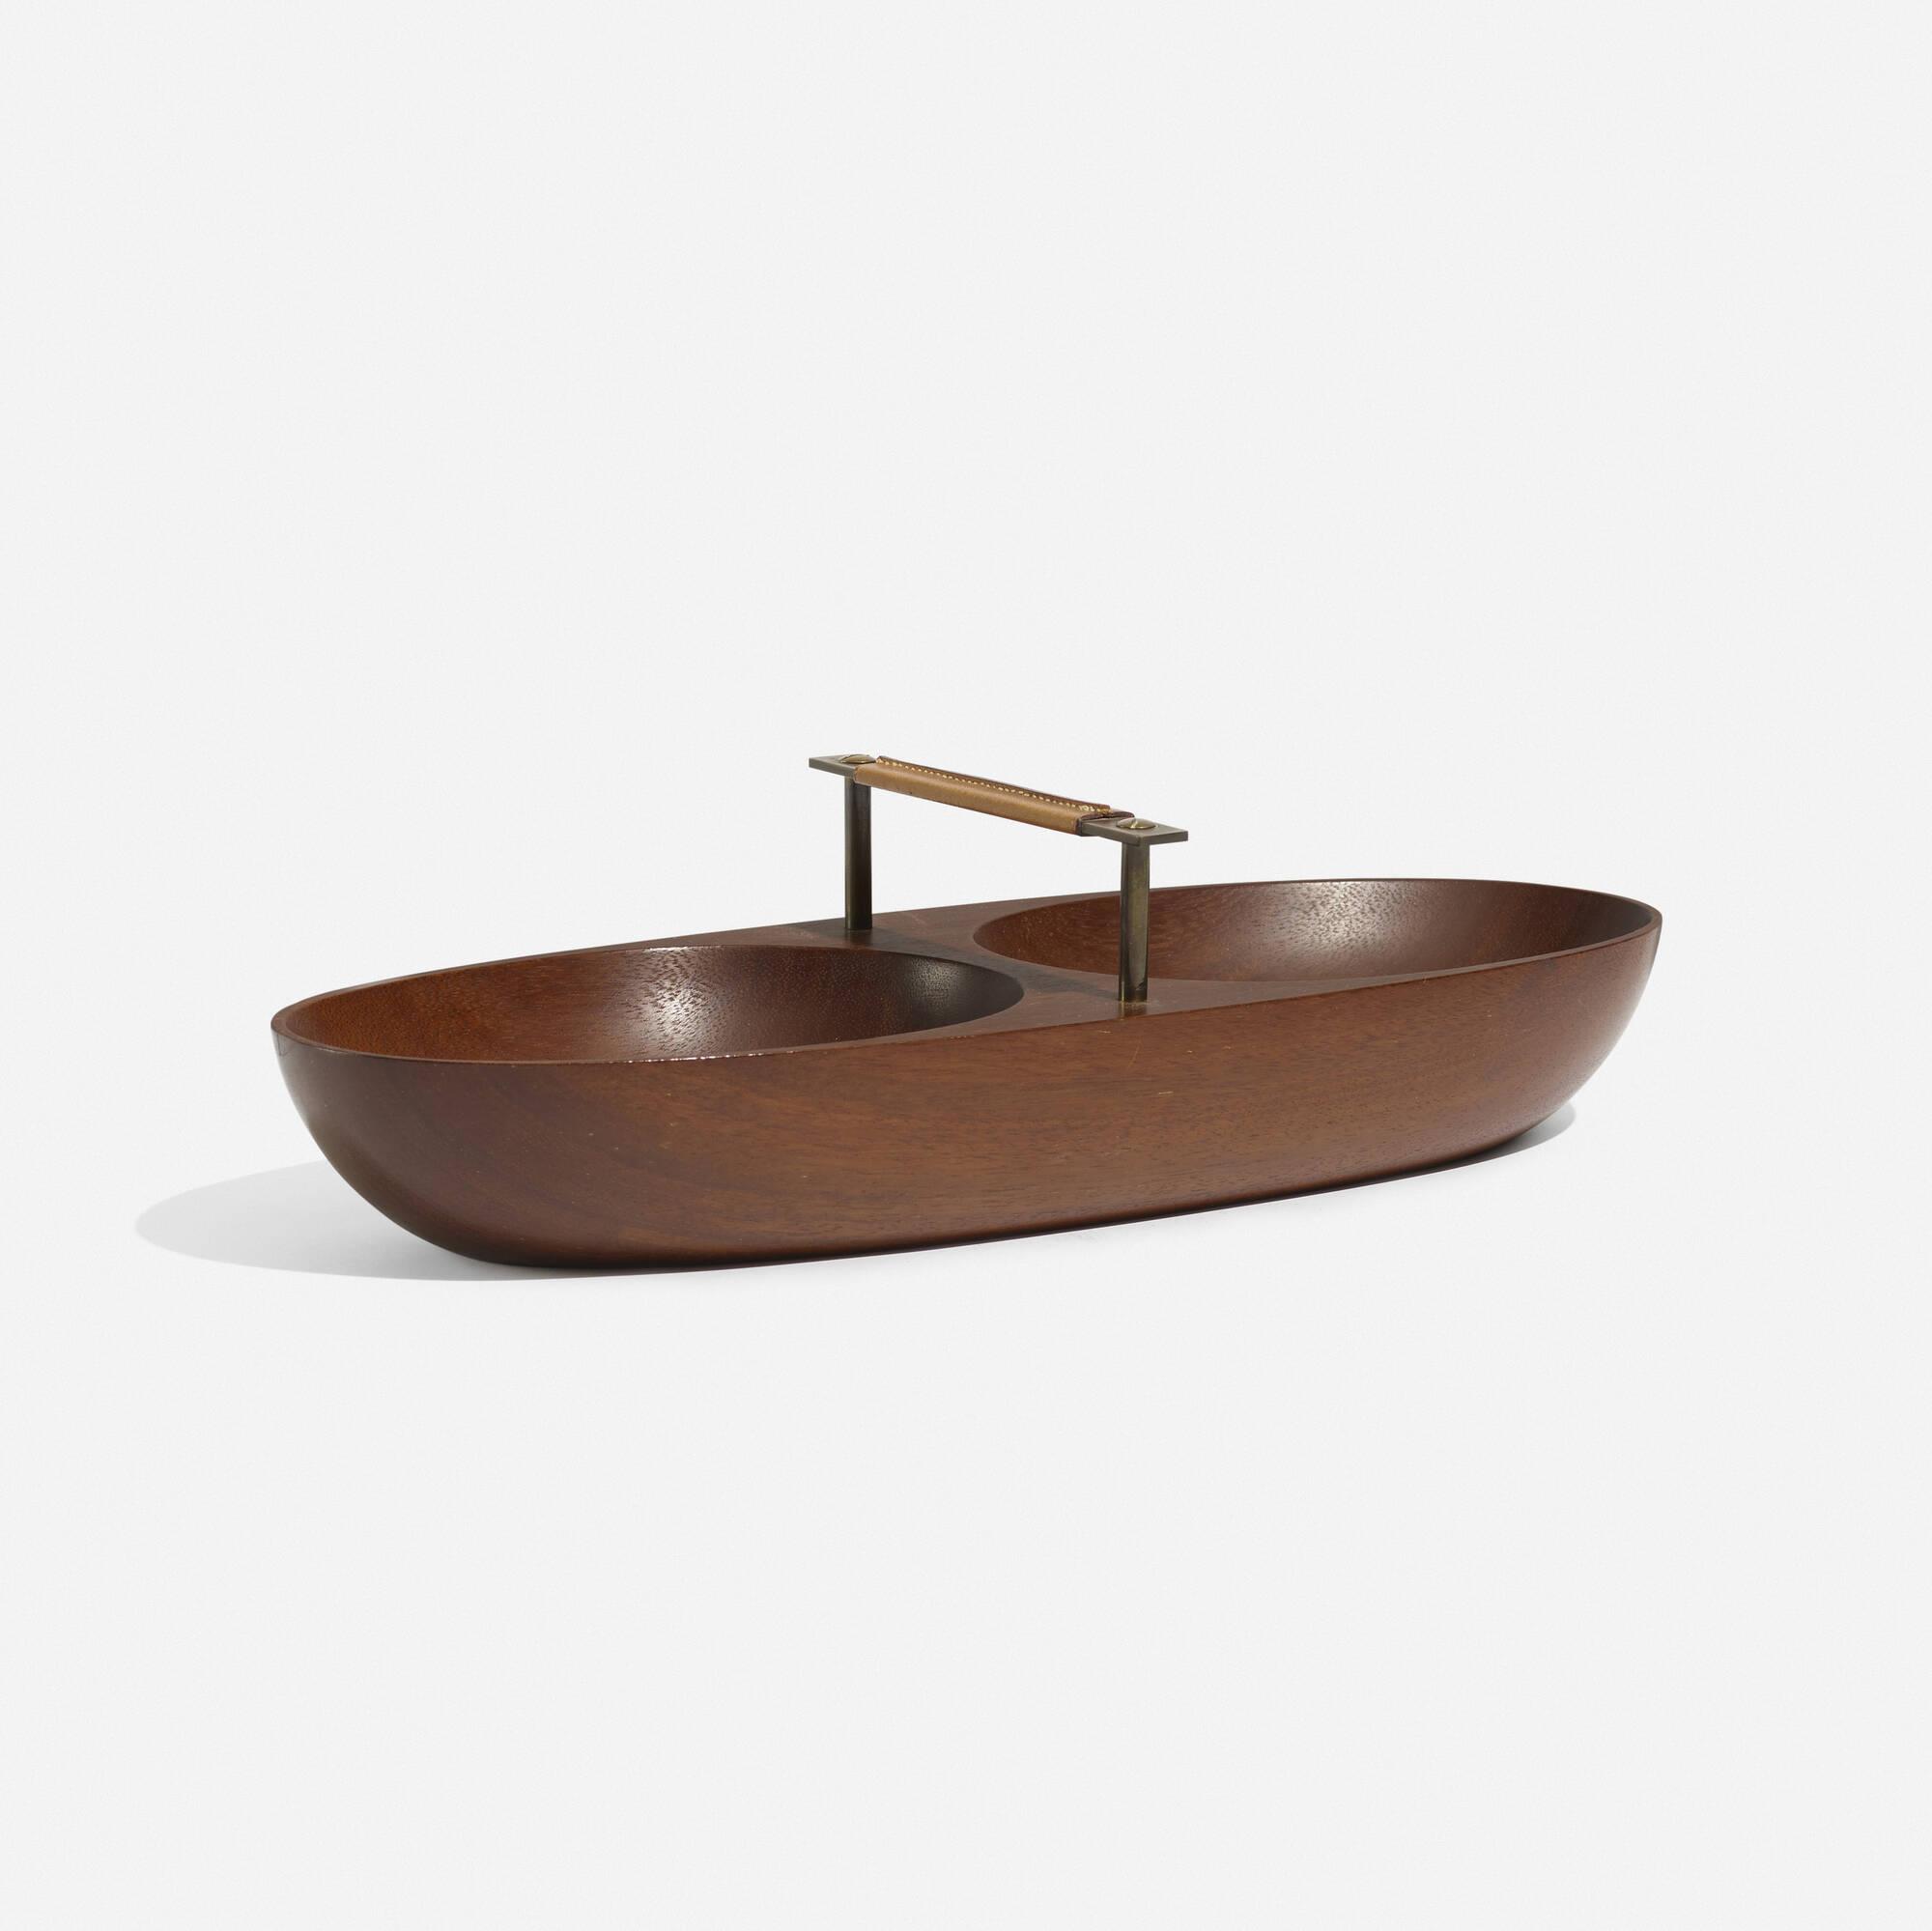 247: Carl Auböck II / nut bowl (1 of 3)